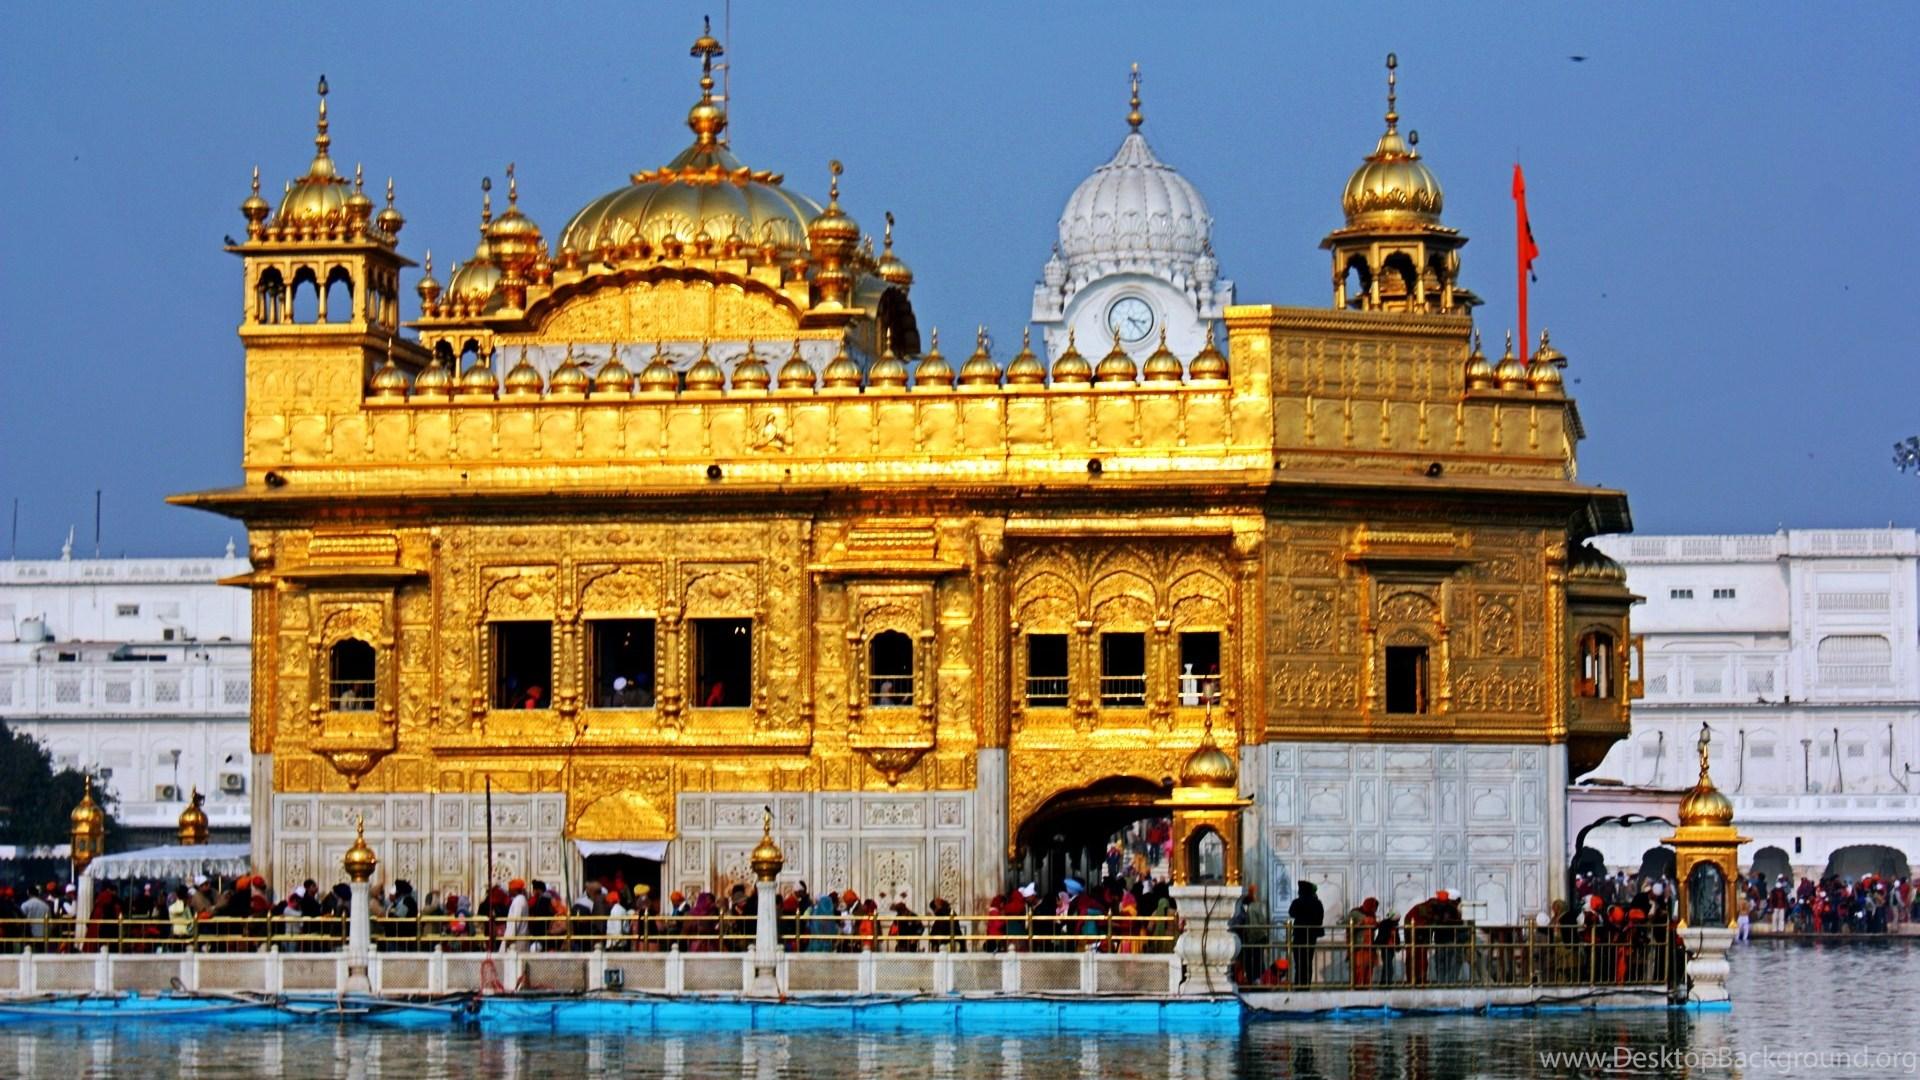 Golden Temple Amritsar Pictures Download Desktop Background